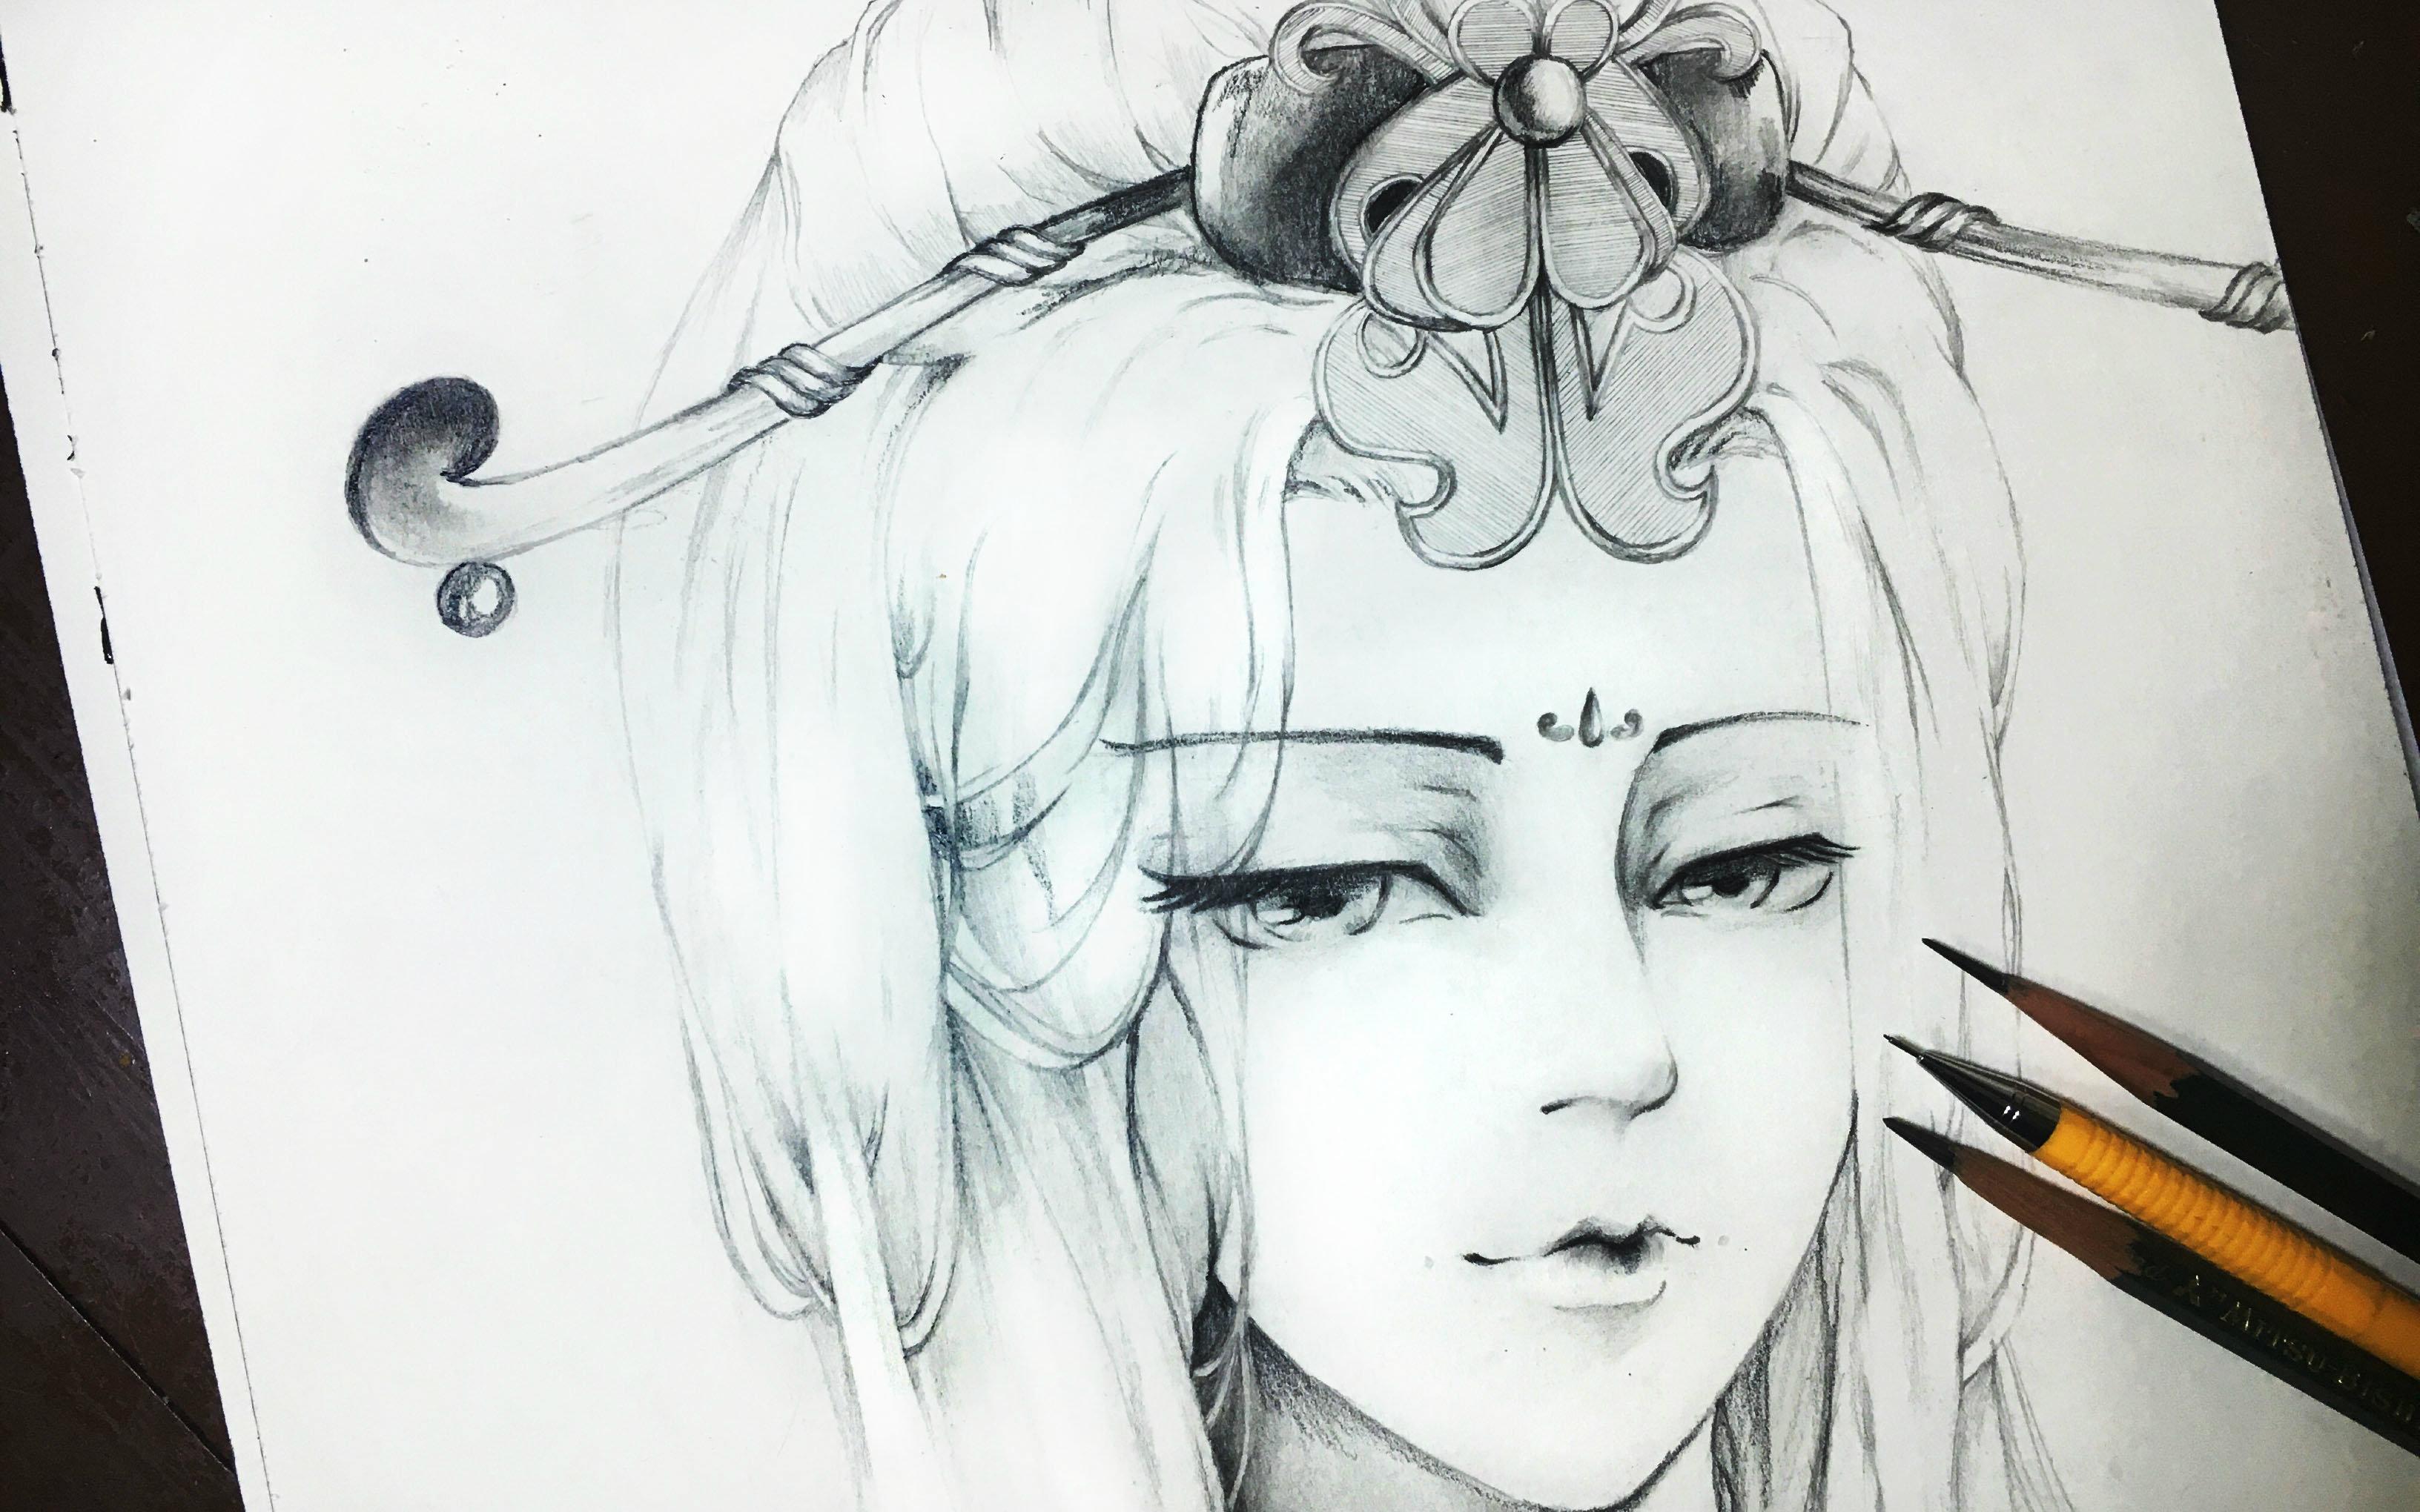 【布丁手绘】我想画个古风美人!可是感觉画成了奸妃!线稿版